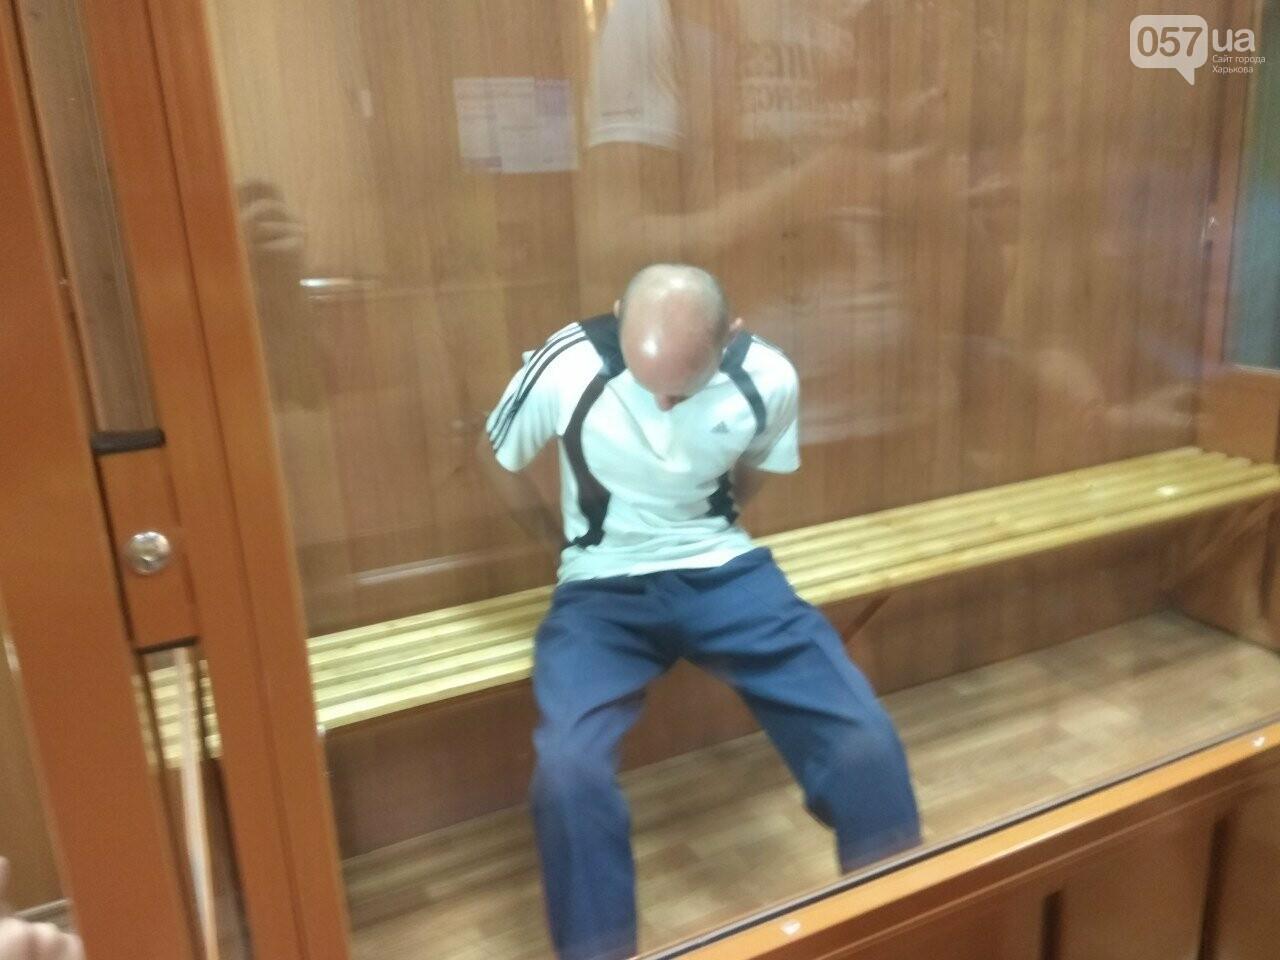 Суд по изнасилованию девочки в Харькове проходит в закрытом режиме, - ФОТО, фото-1